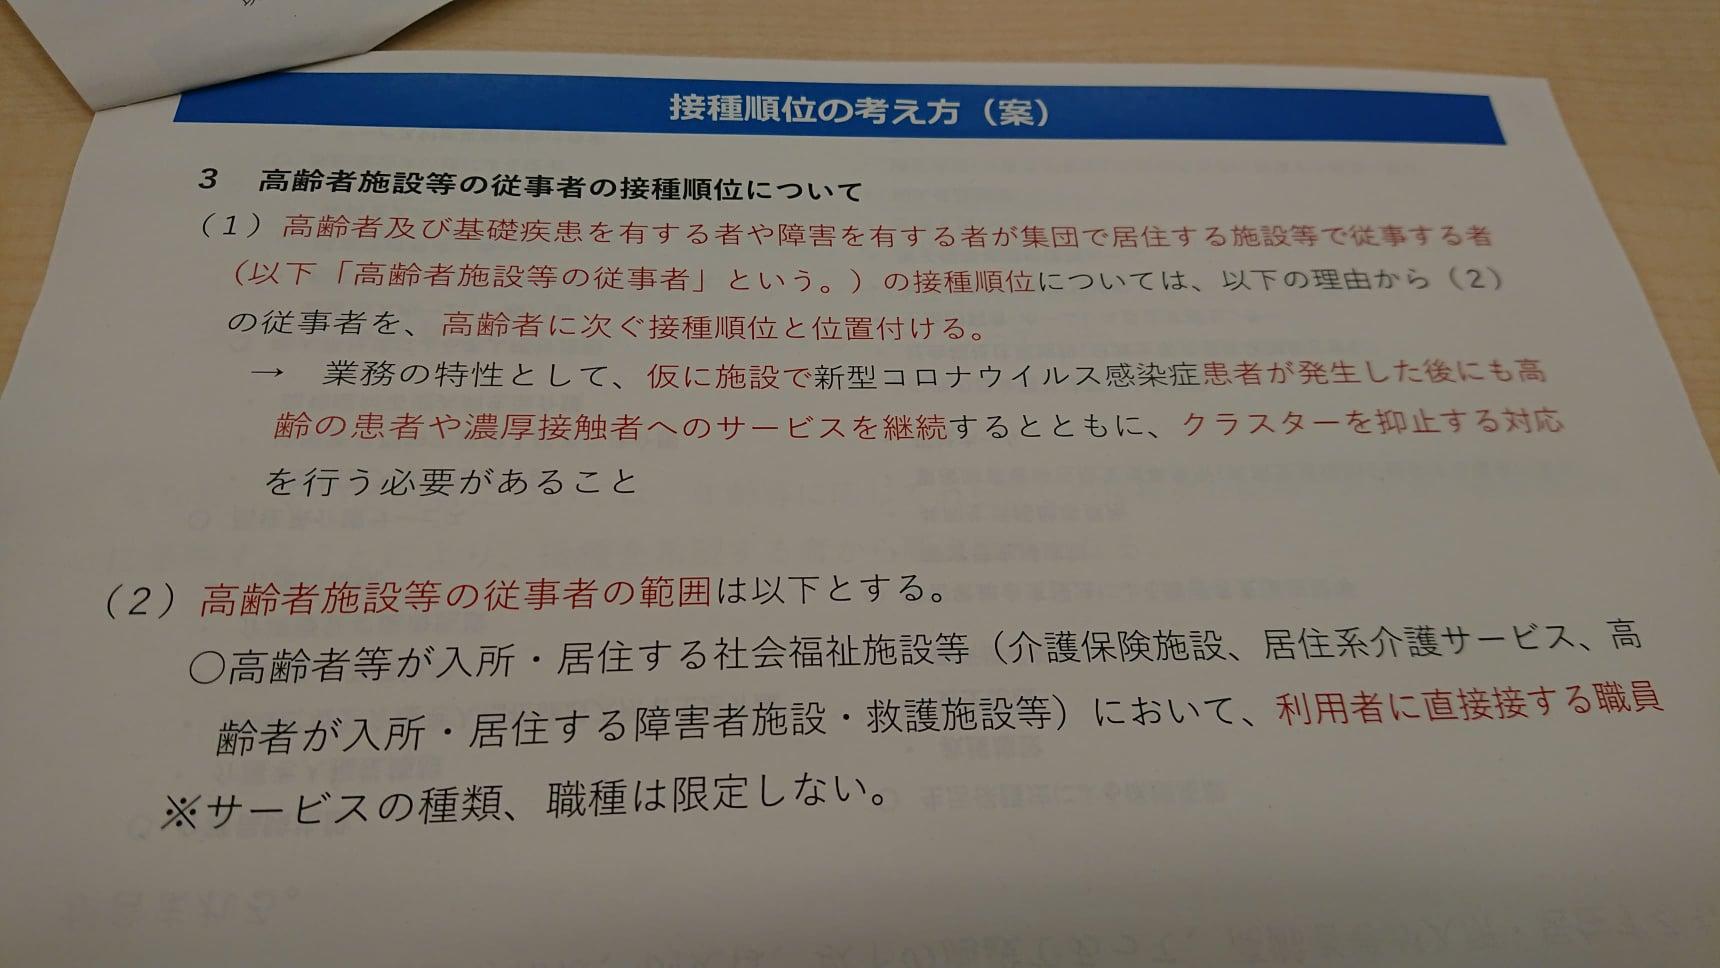 新型コロナウイルスワクチン 接種順位の考え方(案)03